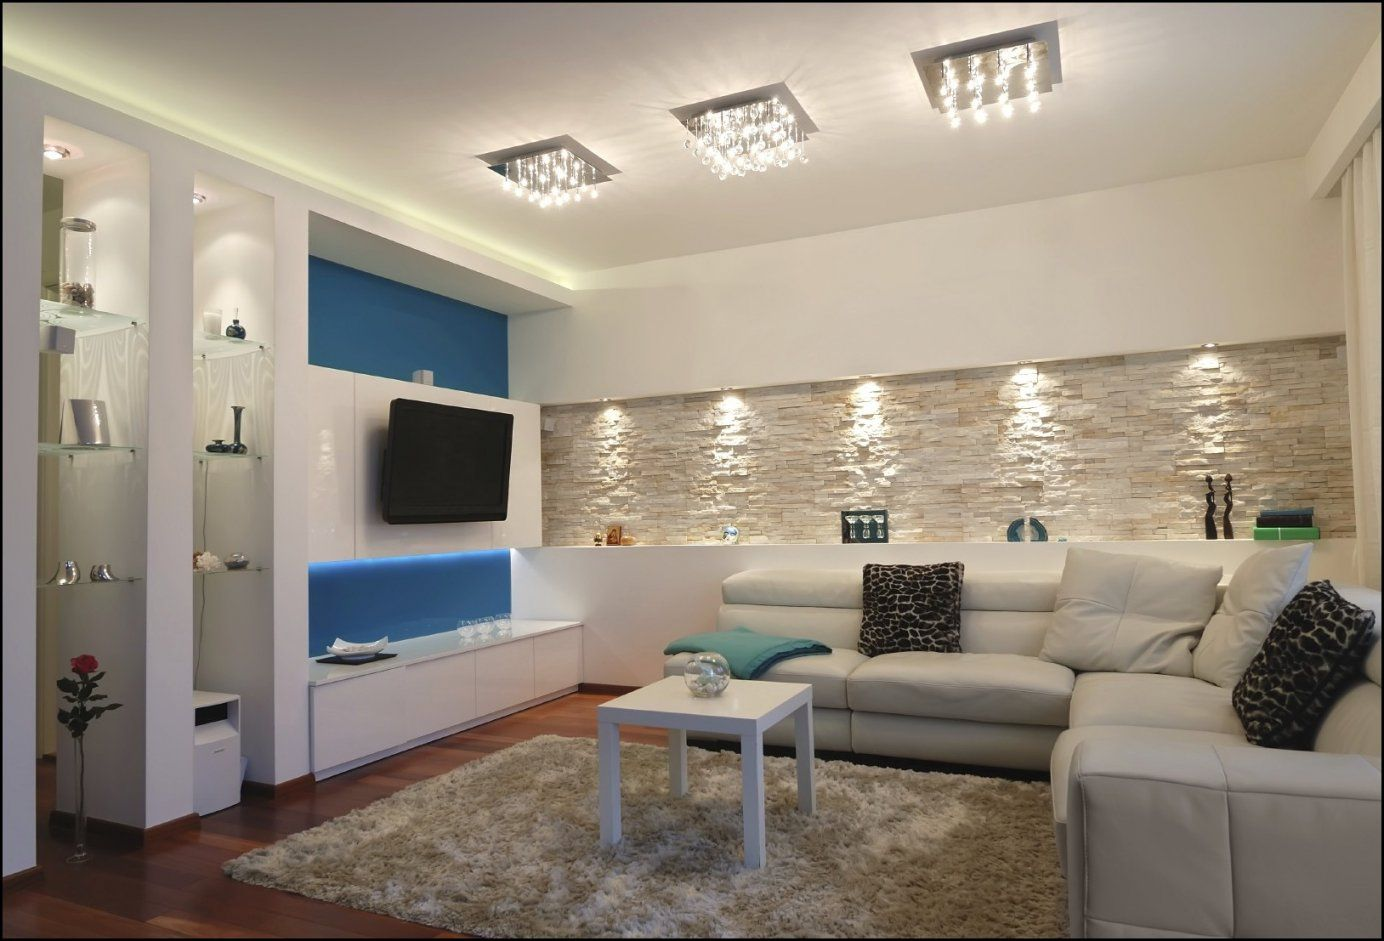 Atemberaubende Ideen  Design von Atemberaubende Ideen Für Dein Zuhause Bild